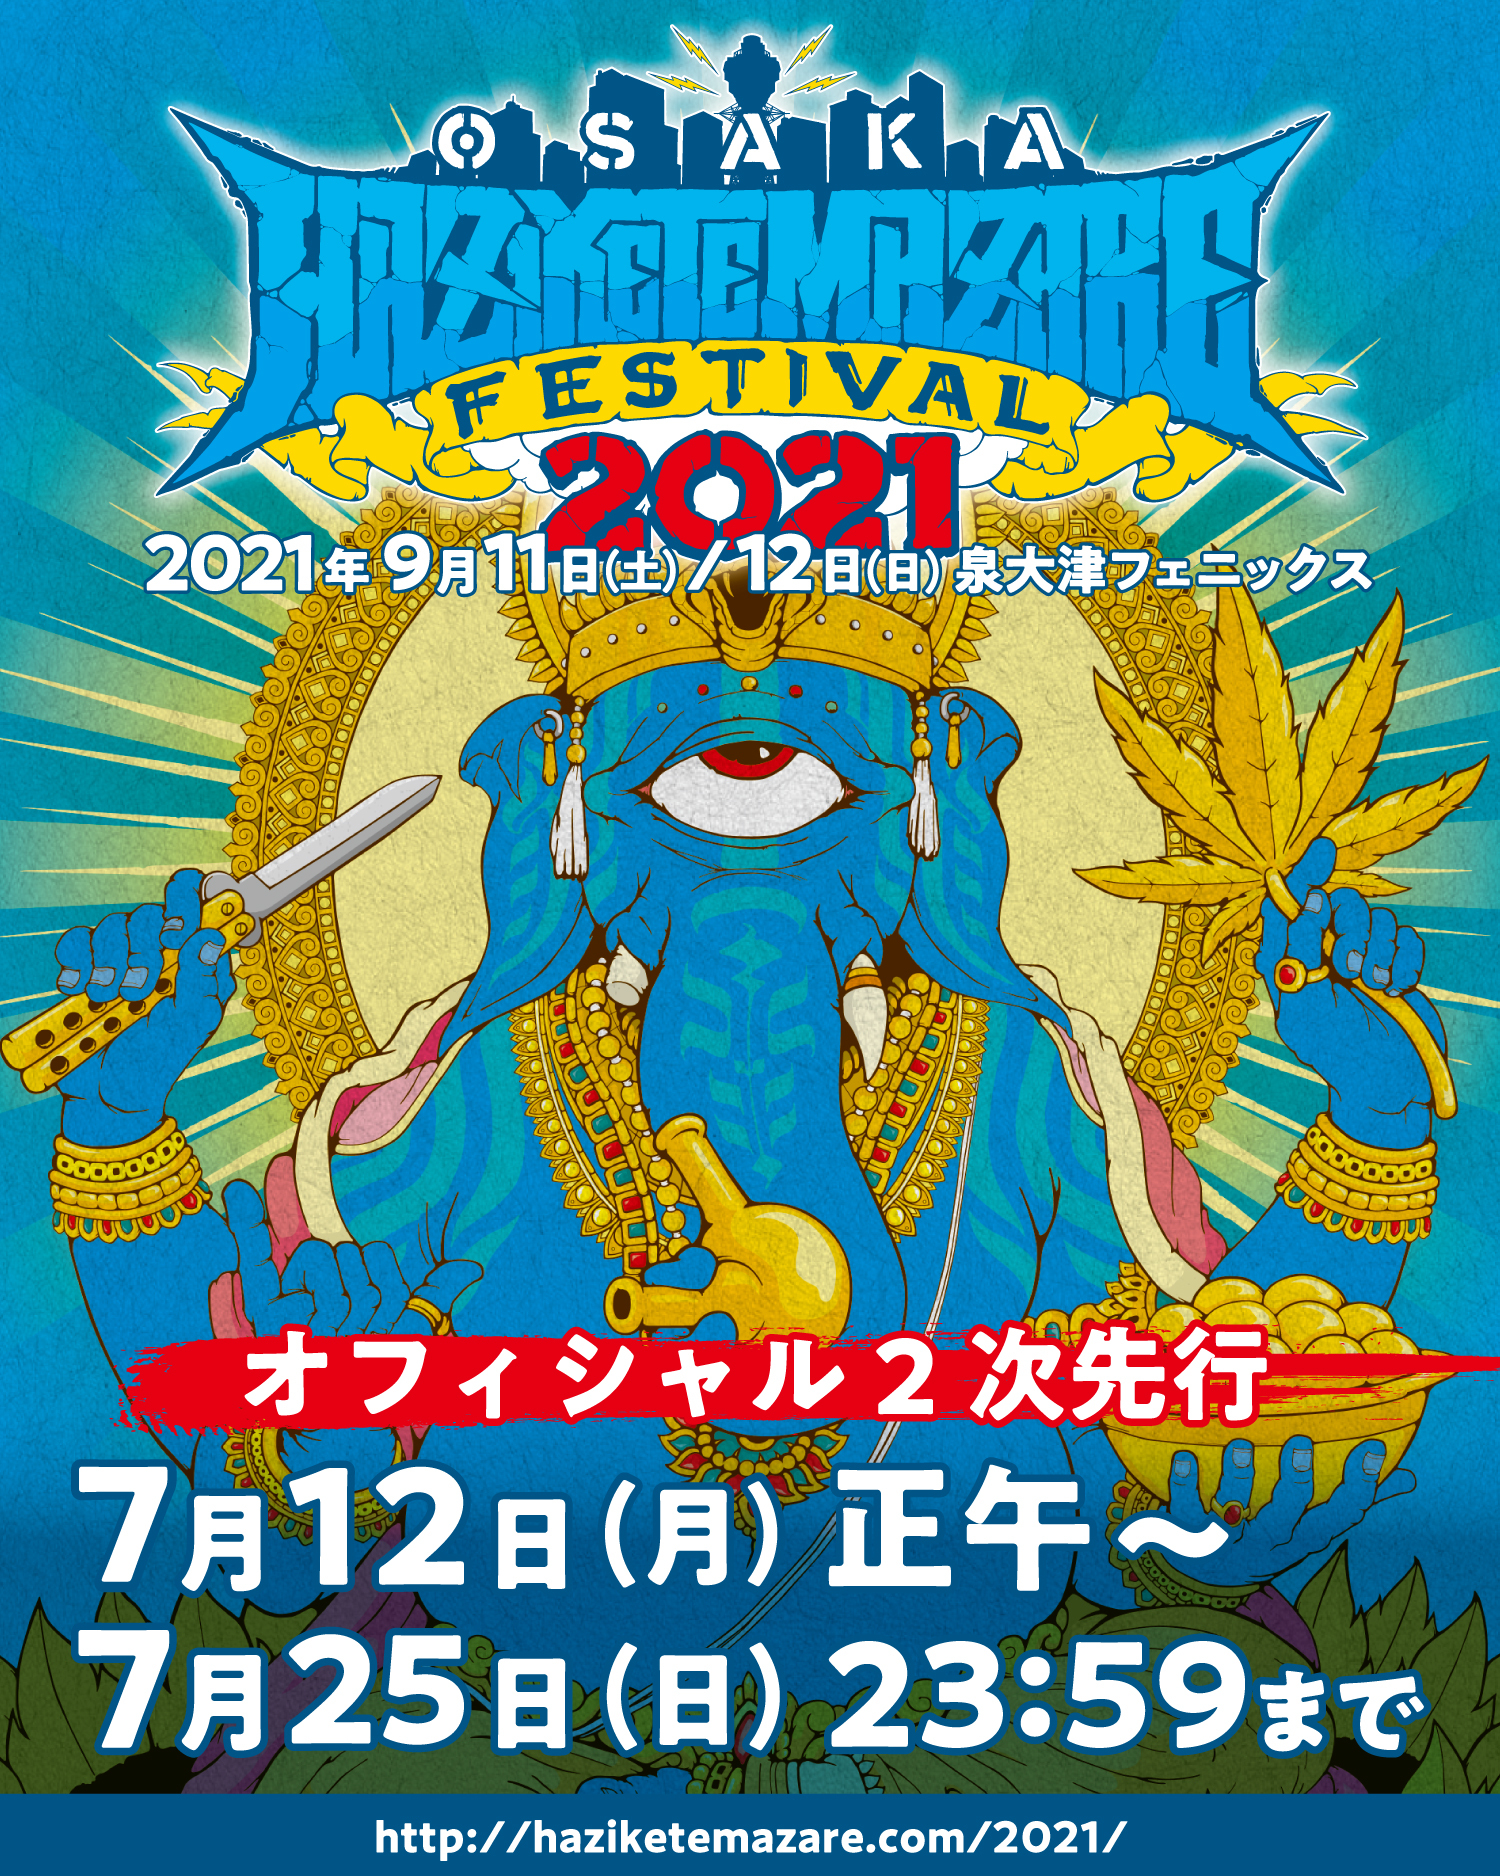 『HEY-SMITH Presents OSAKA HAZIKETEMAZARE FESTIVAL 2021』